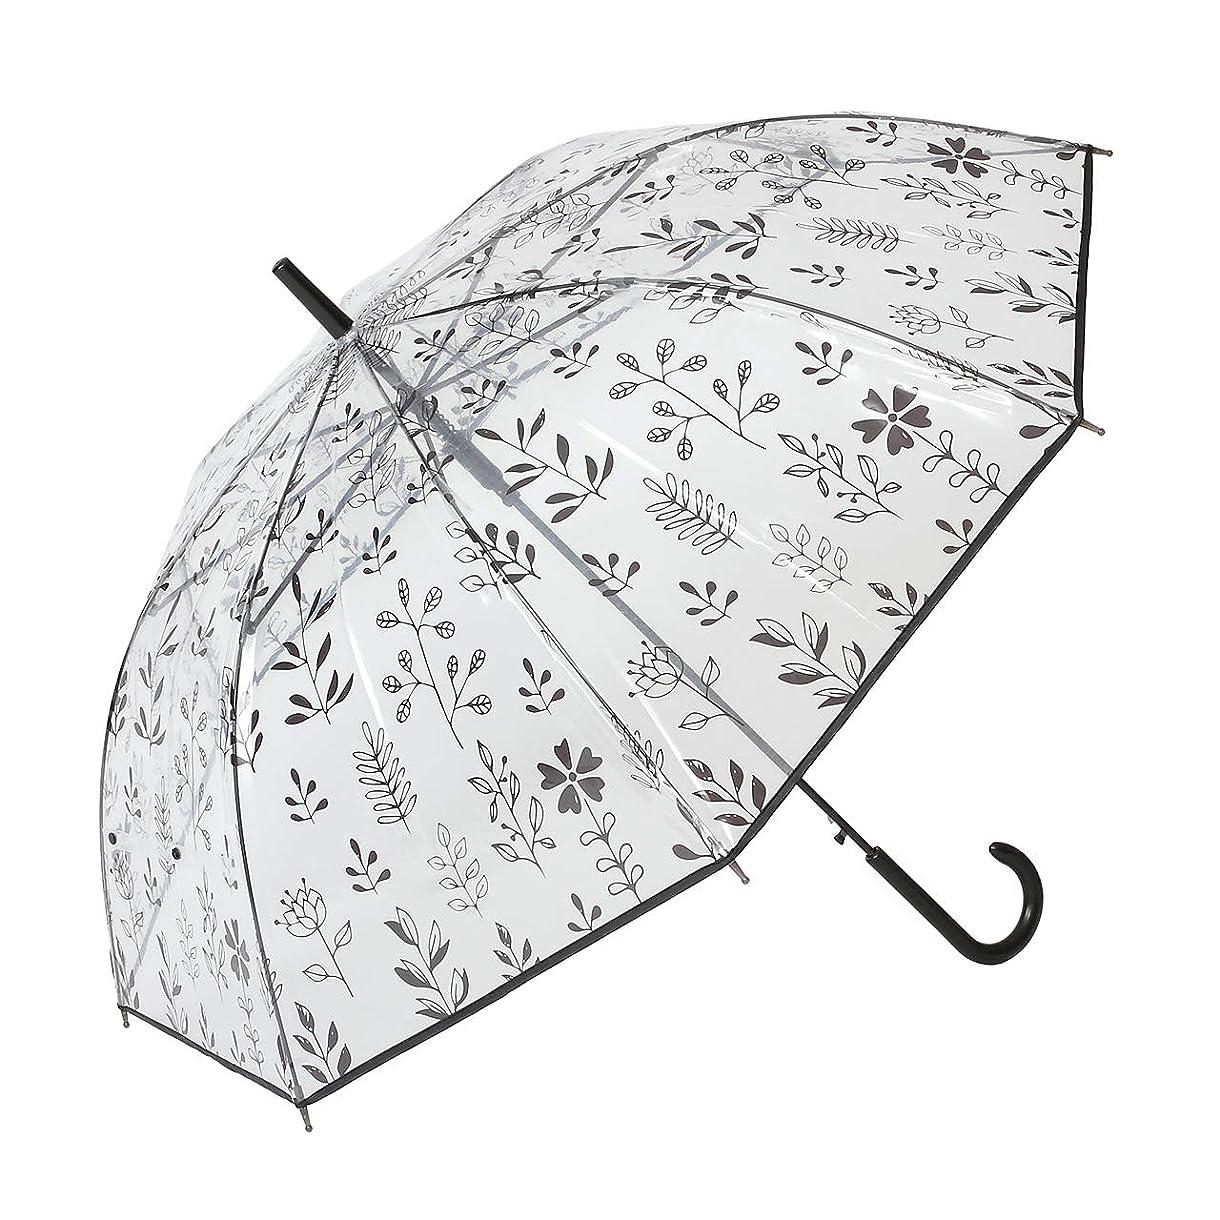 偏見パトワ眠っているPOE プリントジャンプ傘 北欧調 【LIEBEN-0648】 ビニール傘